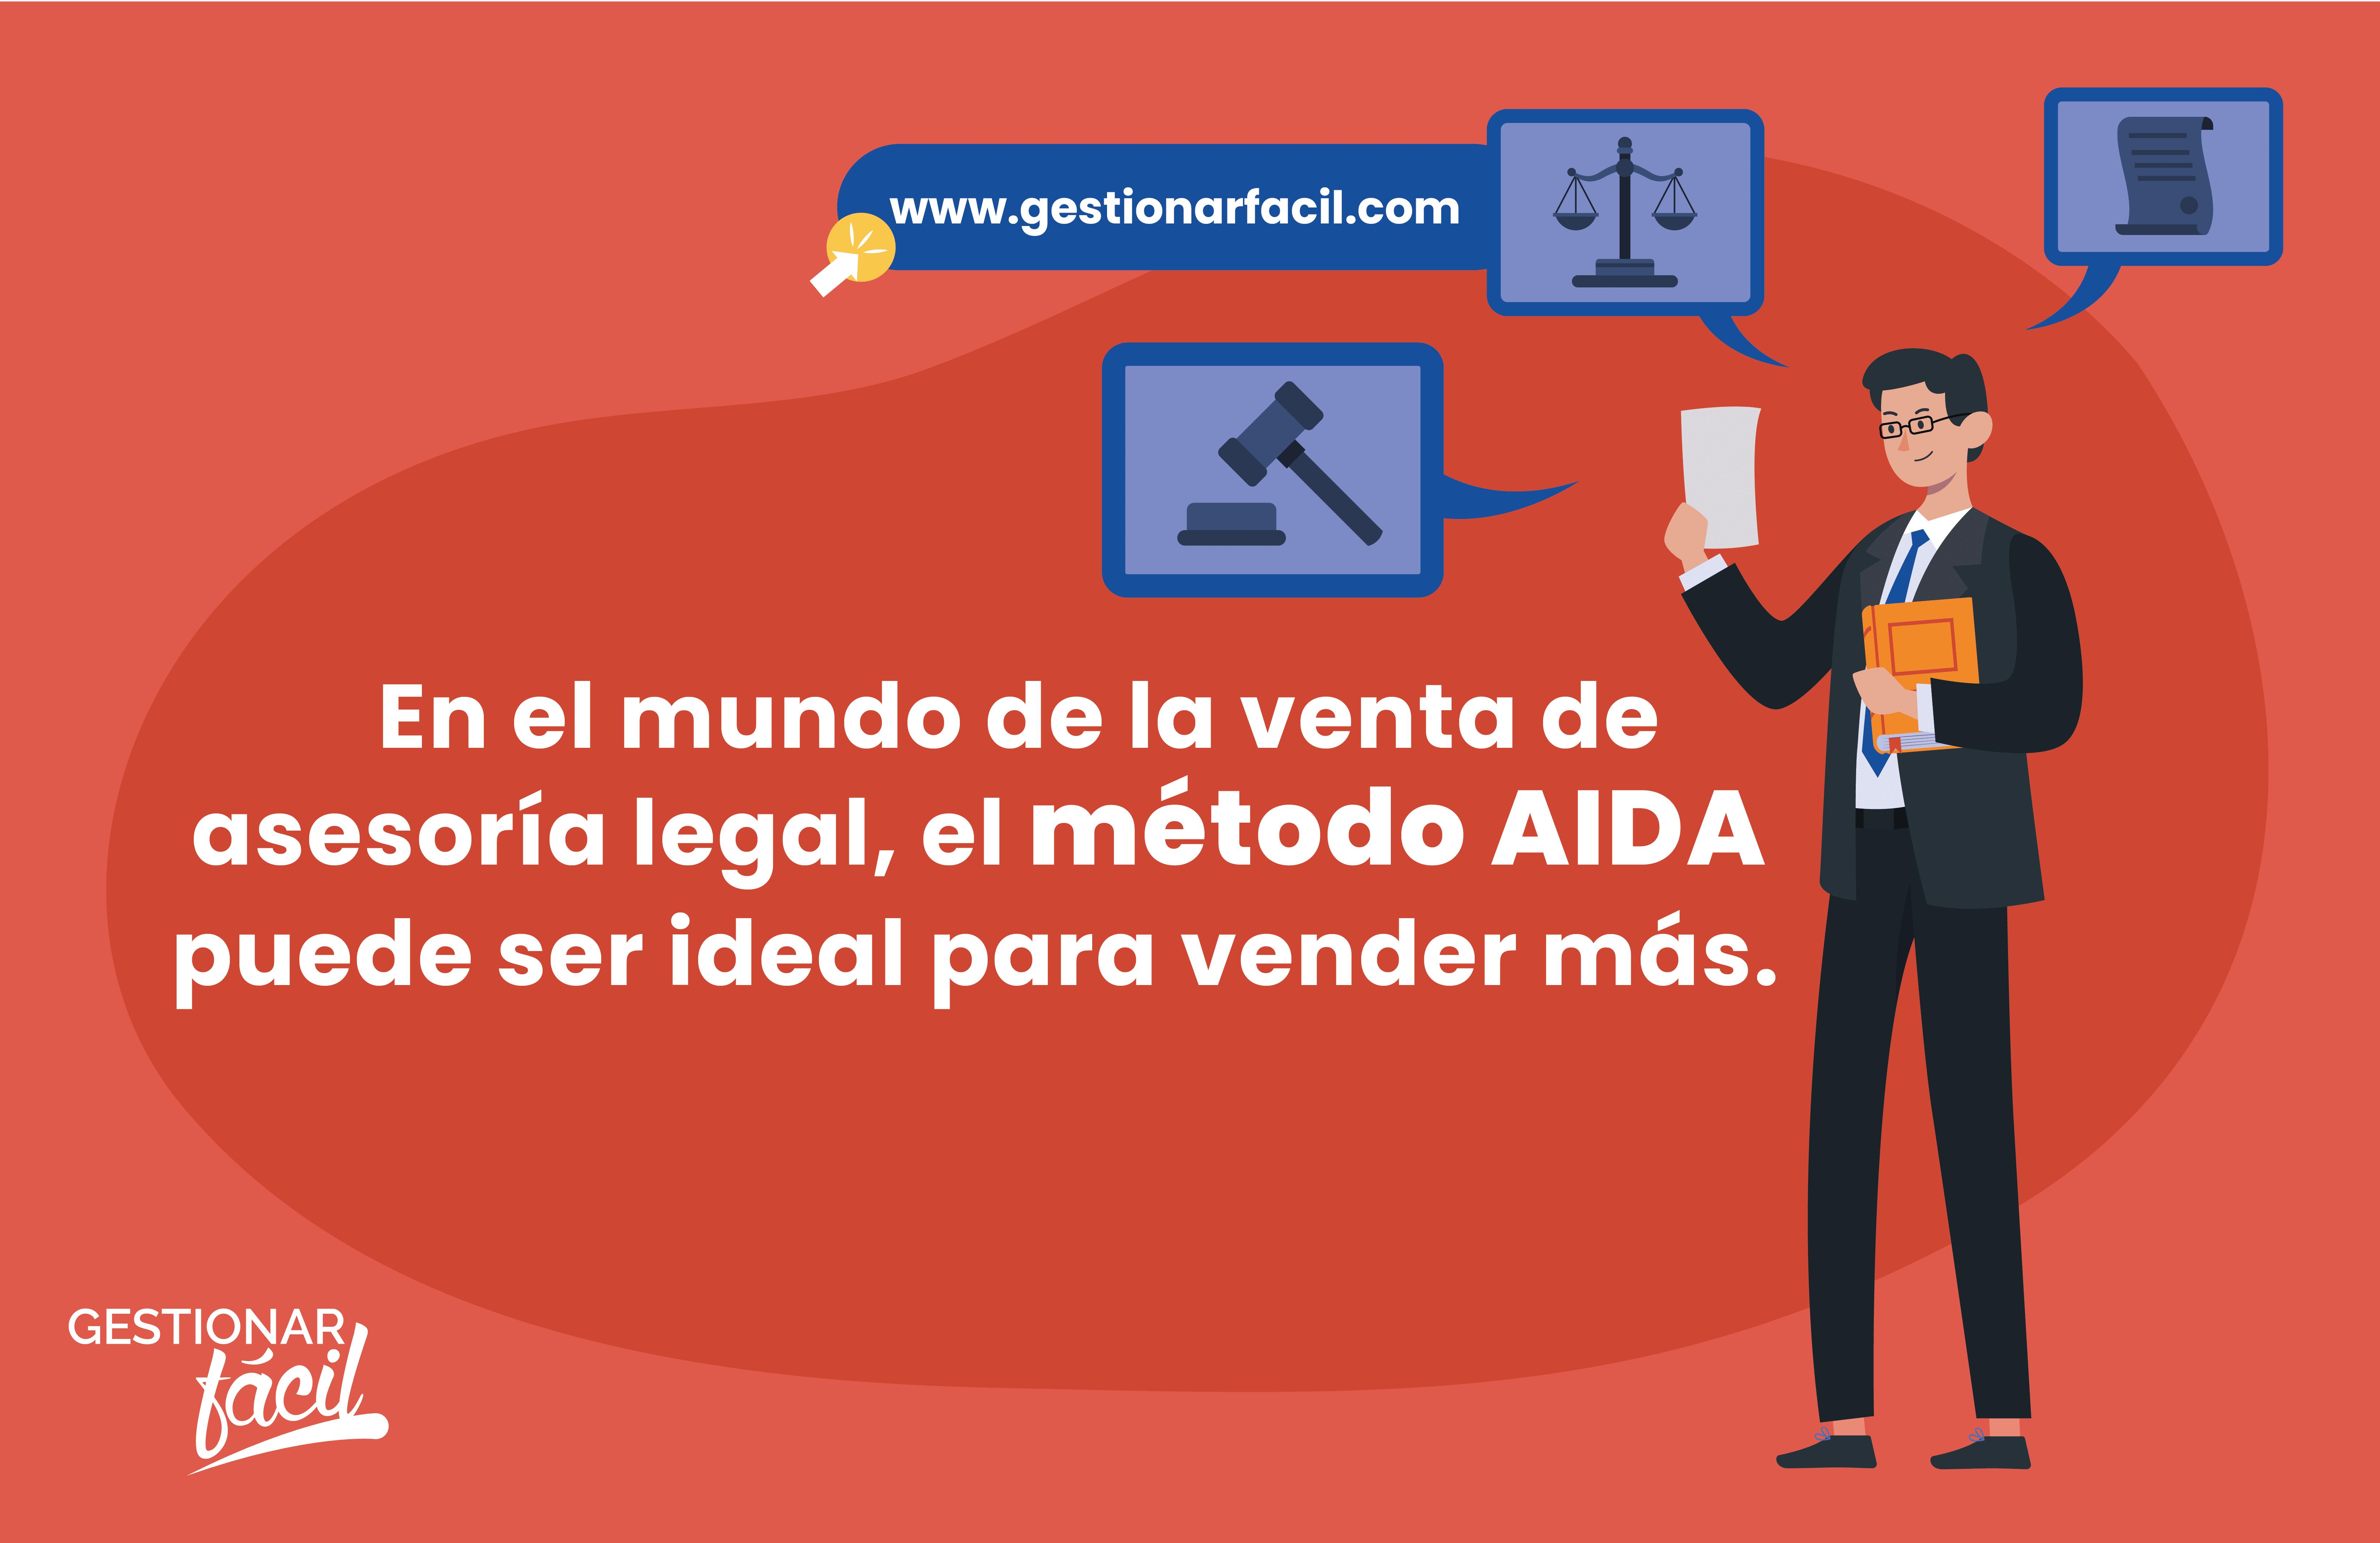 El método AIDA puede ser ideal para vender más.